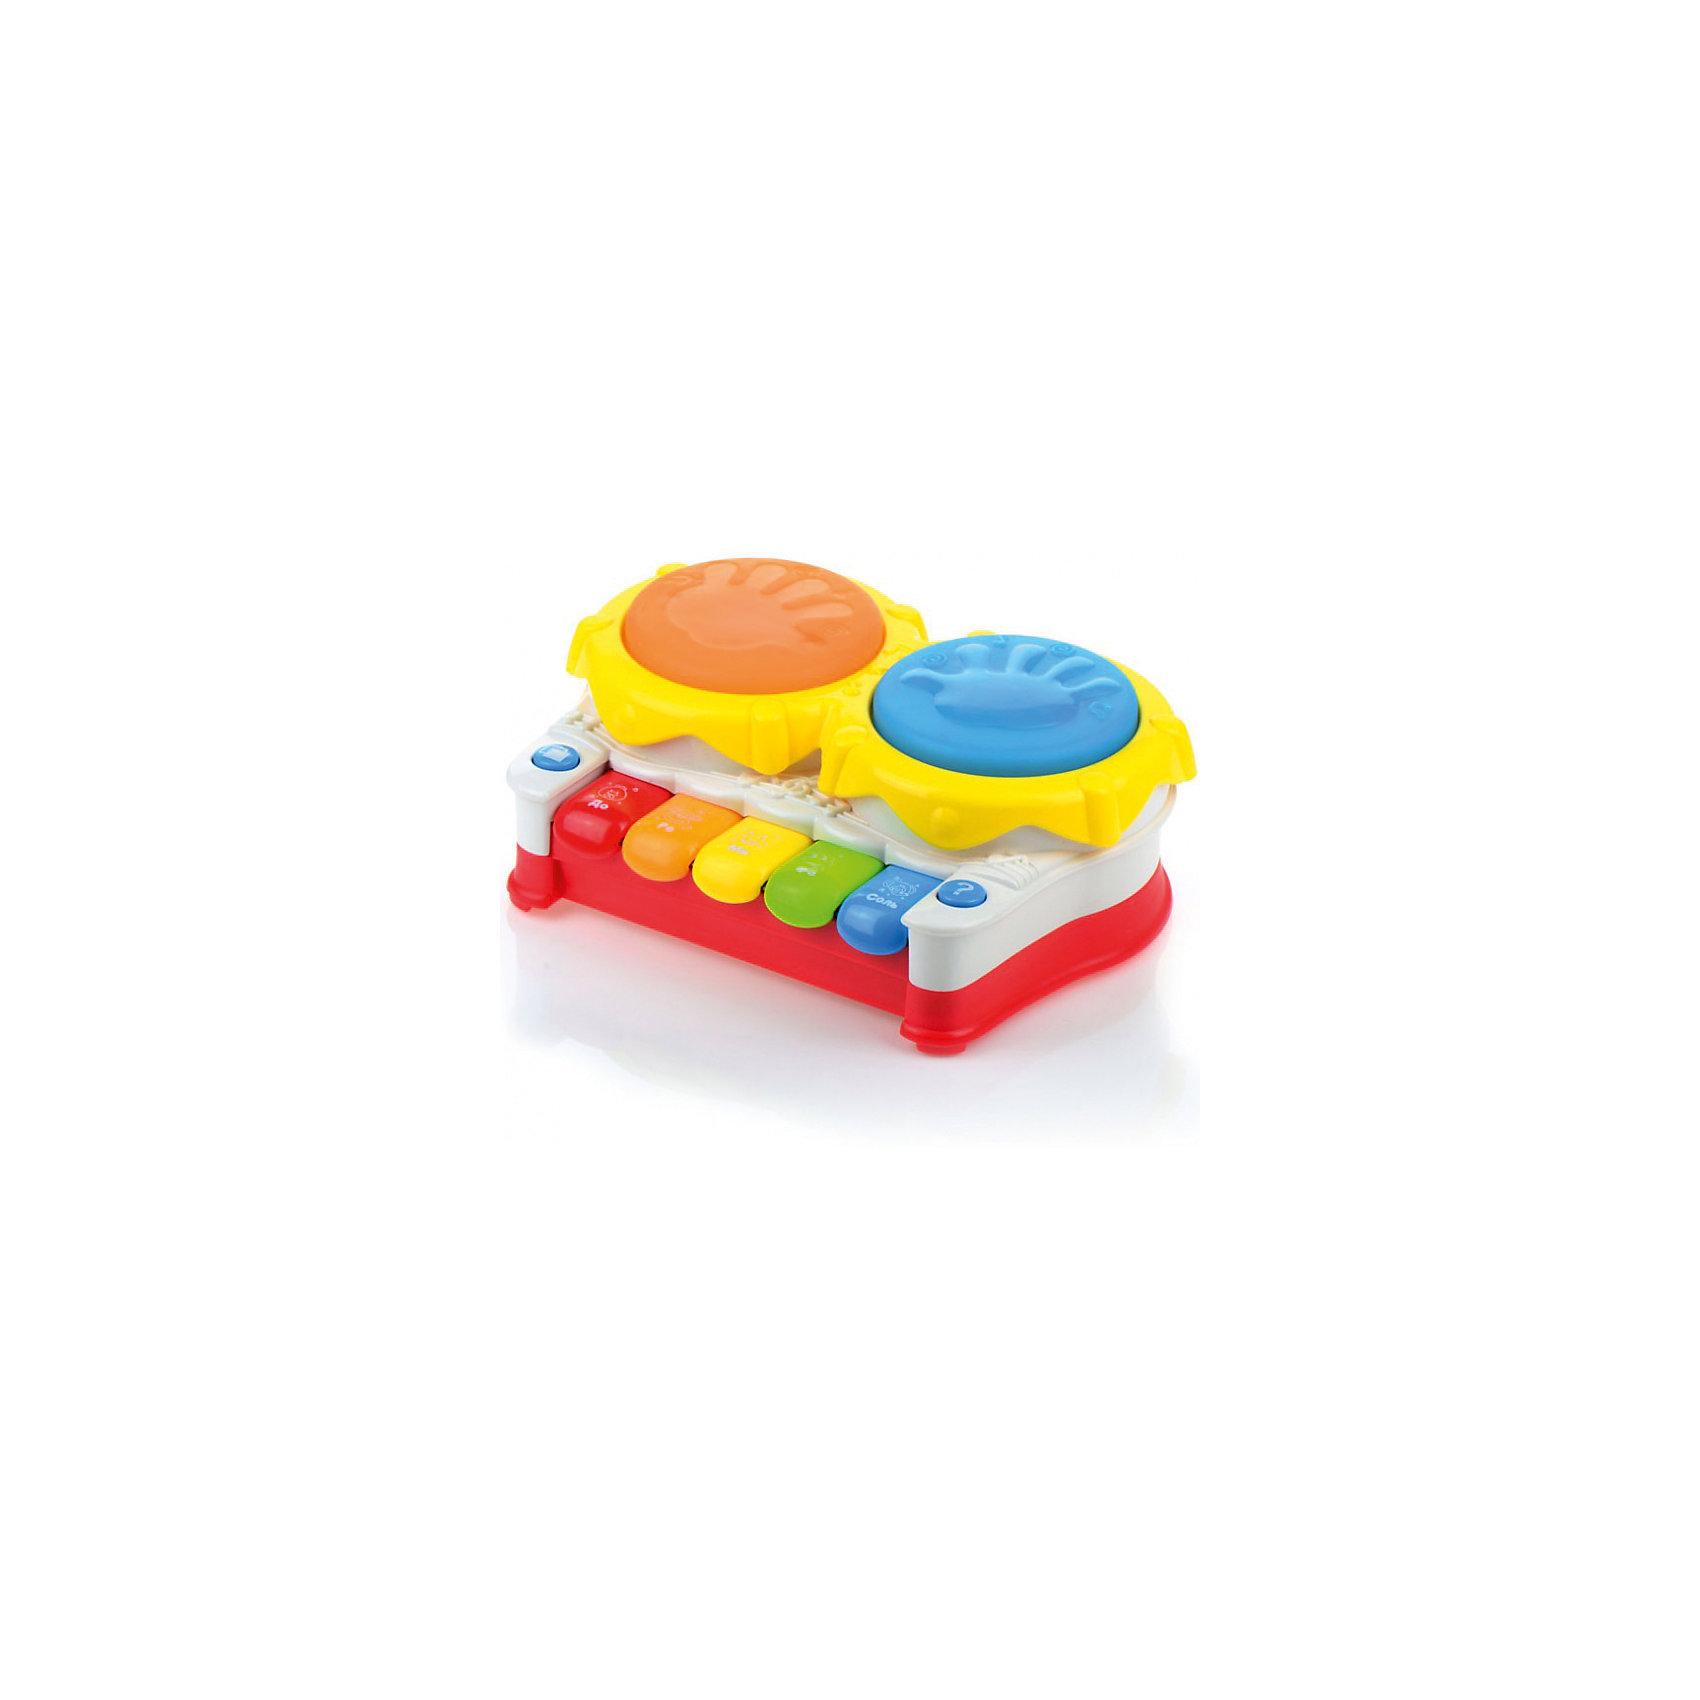 - Развивающая игрушка Музыкальная установка, со светом и звуком, Малышарики музыкальная развивающая игрушка розумне цуценя в харькове